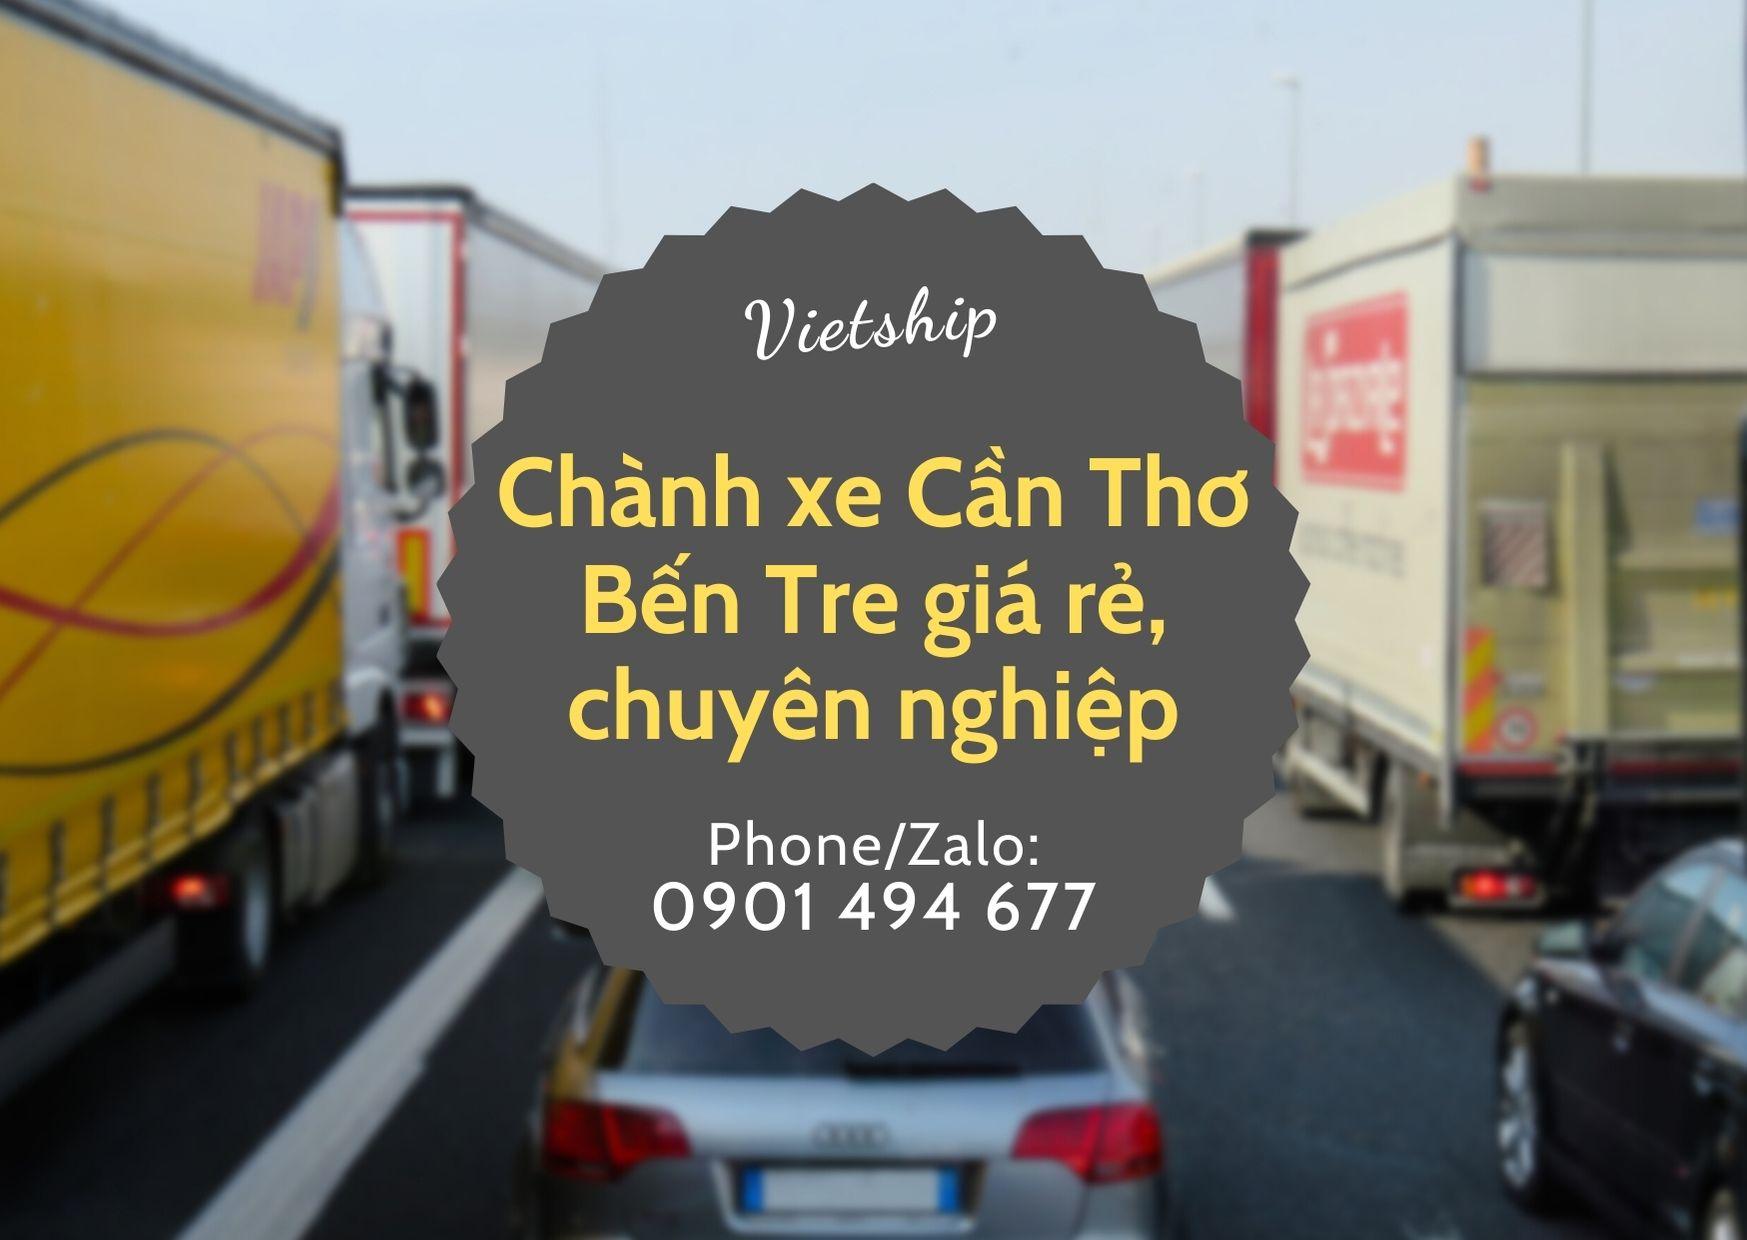 Dịch vụ Chành xe Cần Thơ đi Bến Tre giá rẻ, chuyên nghiệp tại Vietship